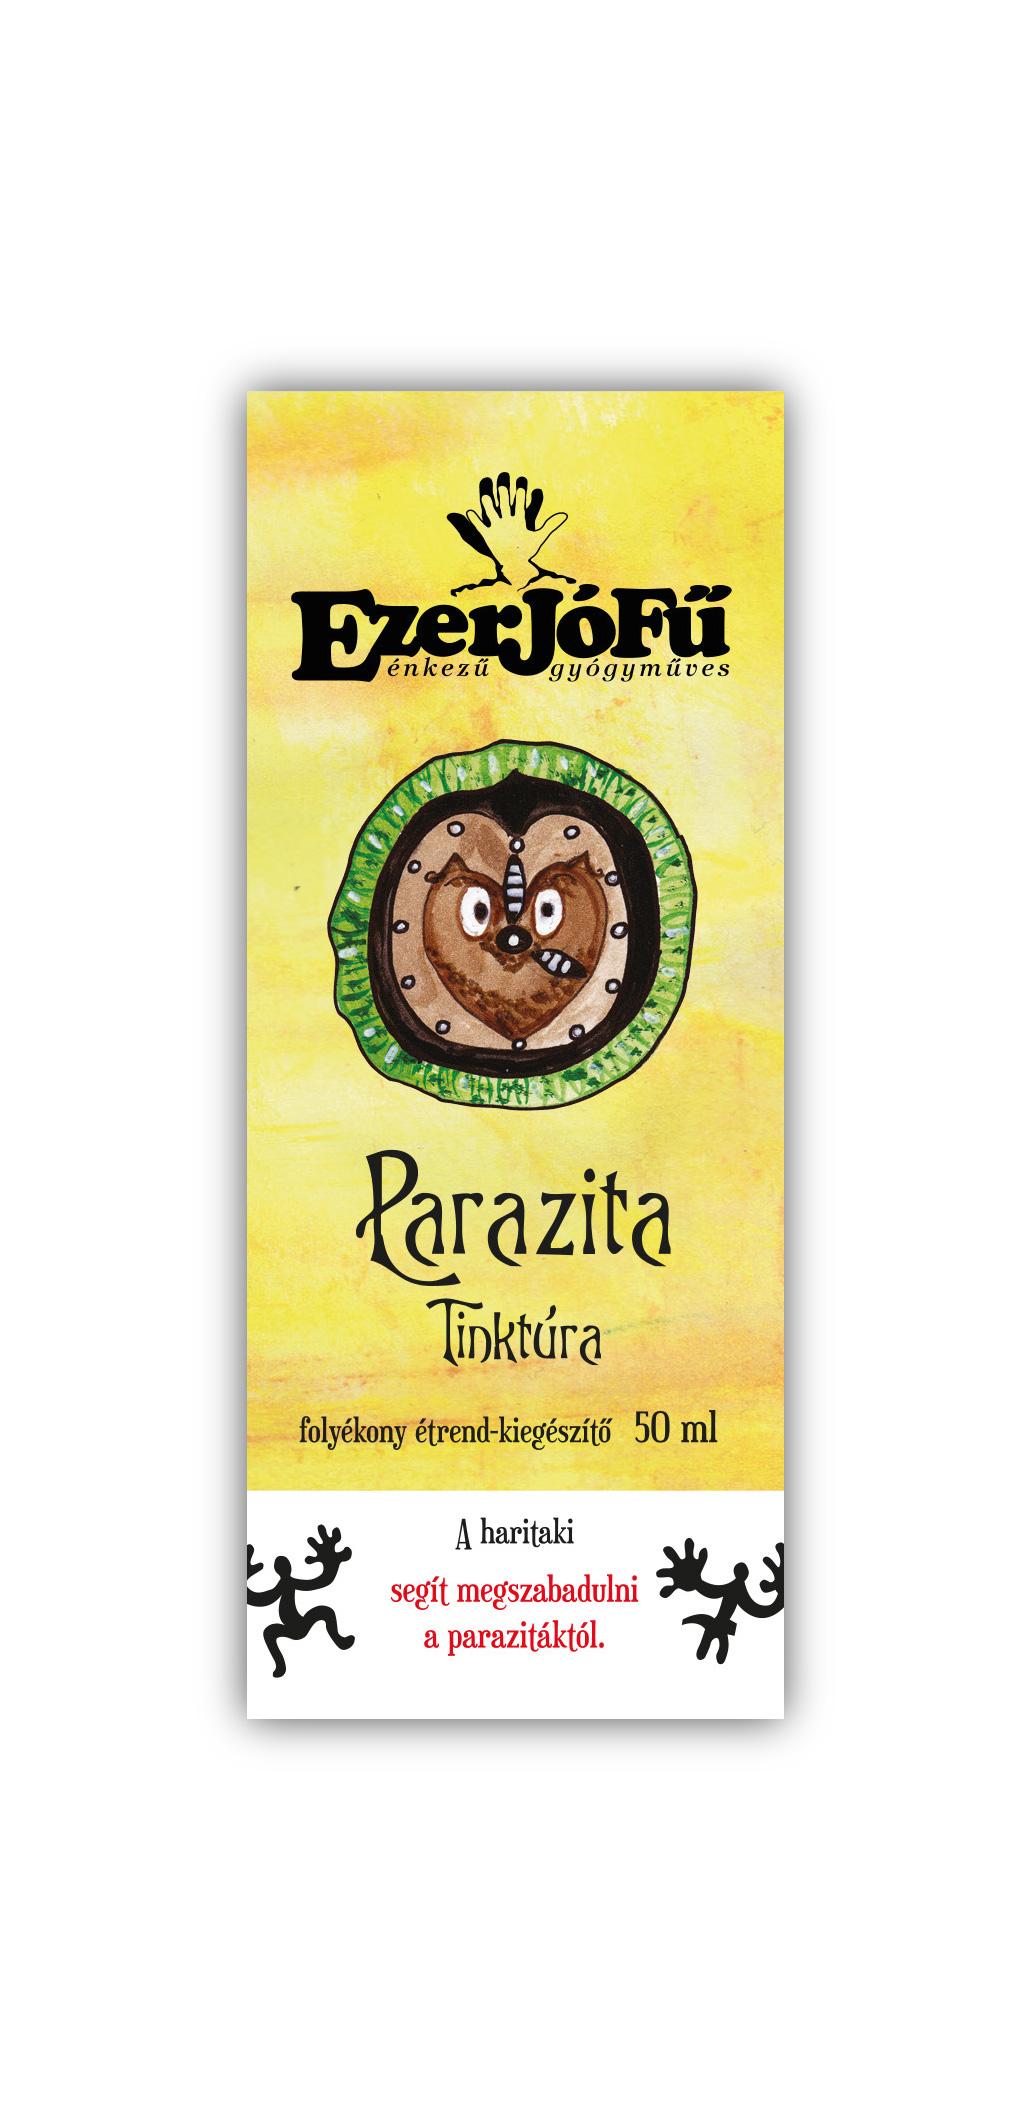 Étrend-kiegészítők paraziták tisztítására - Étrend a paraziták testének tisztításához